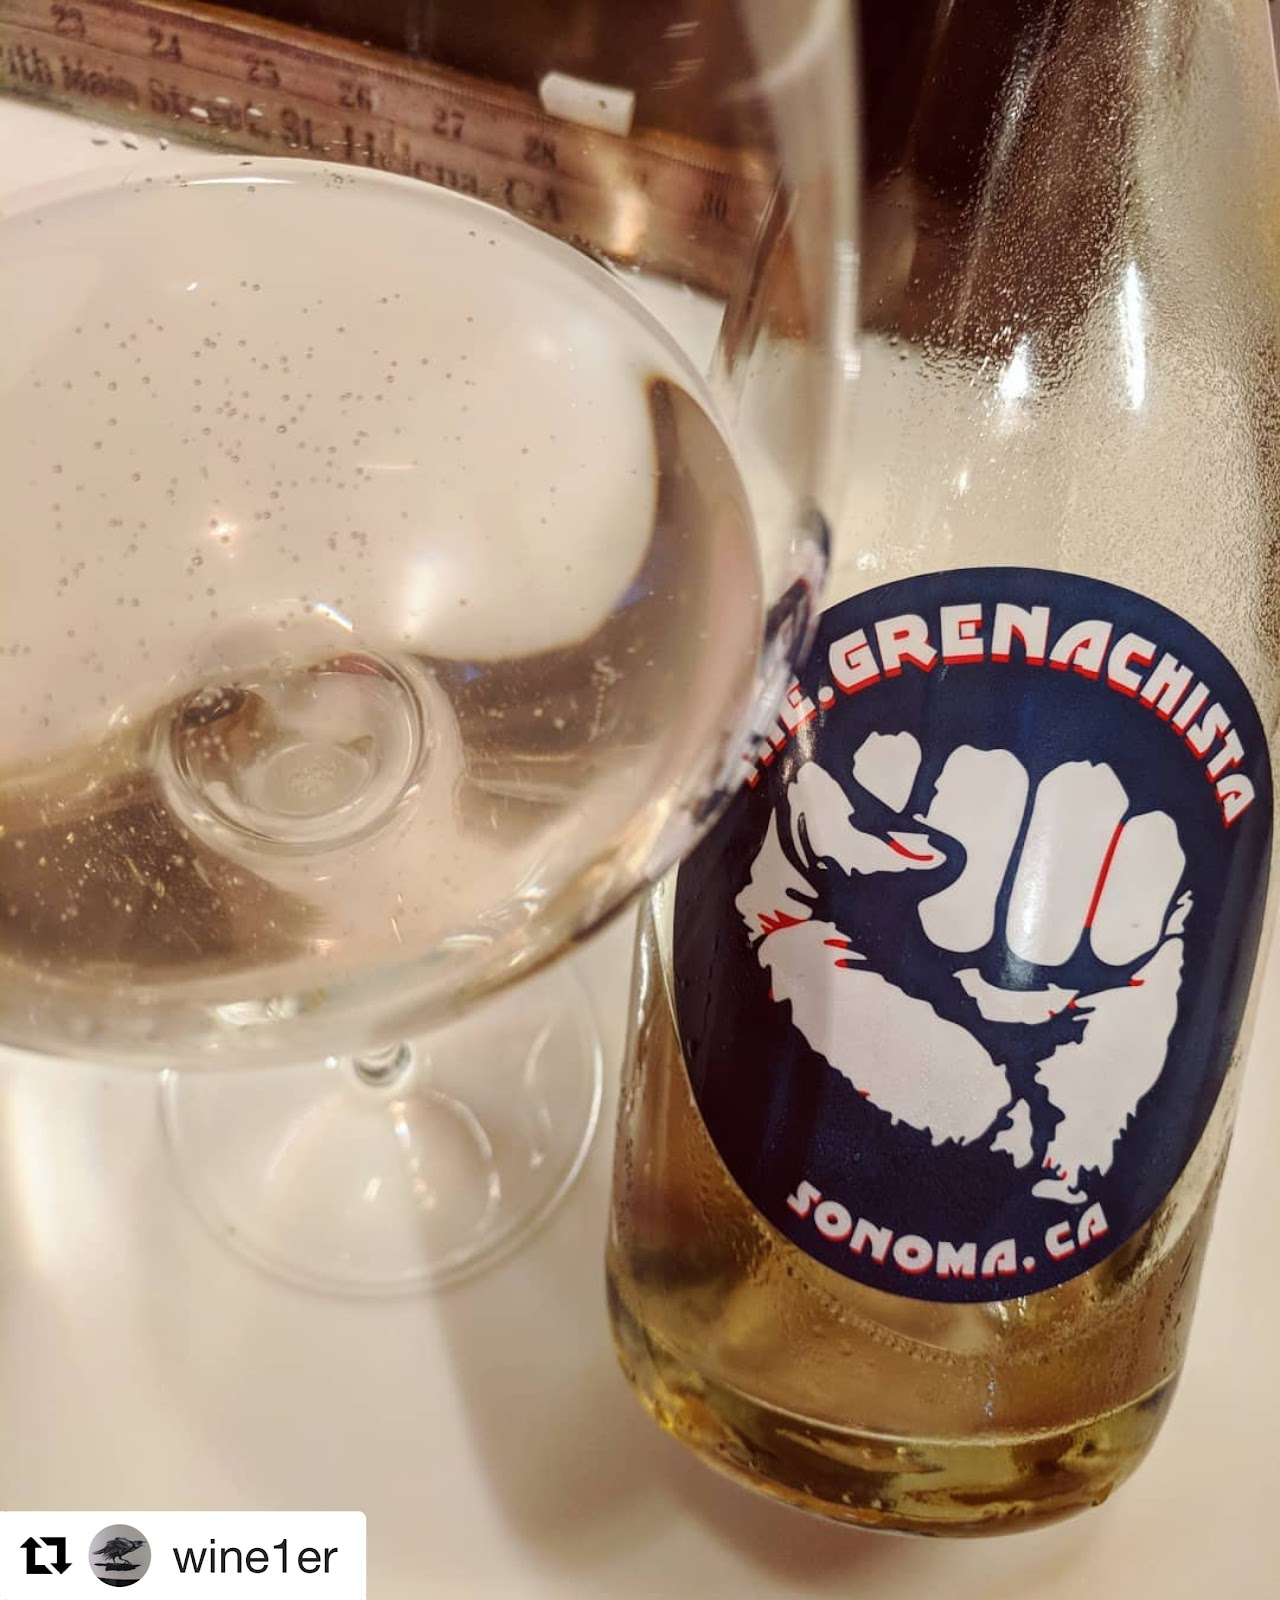 Grenachista Sparkling Wine